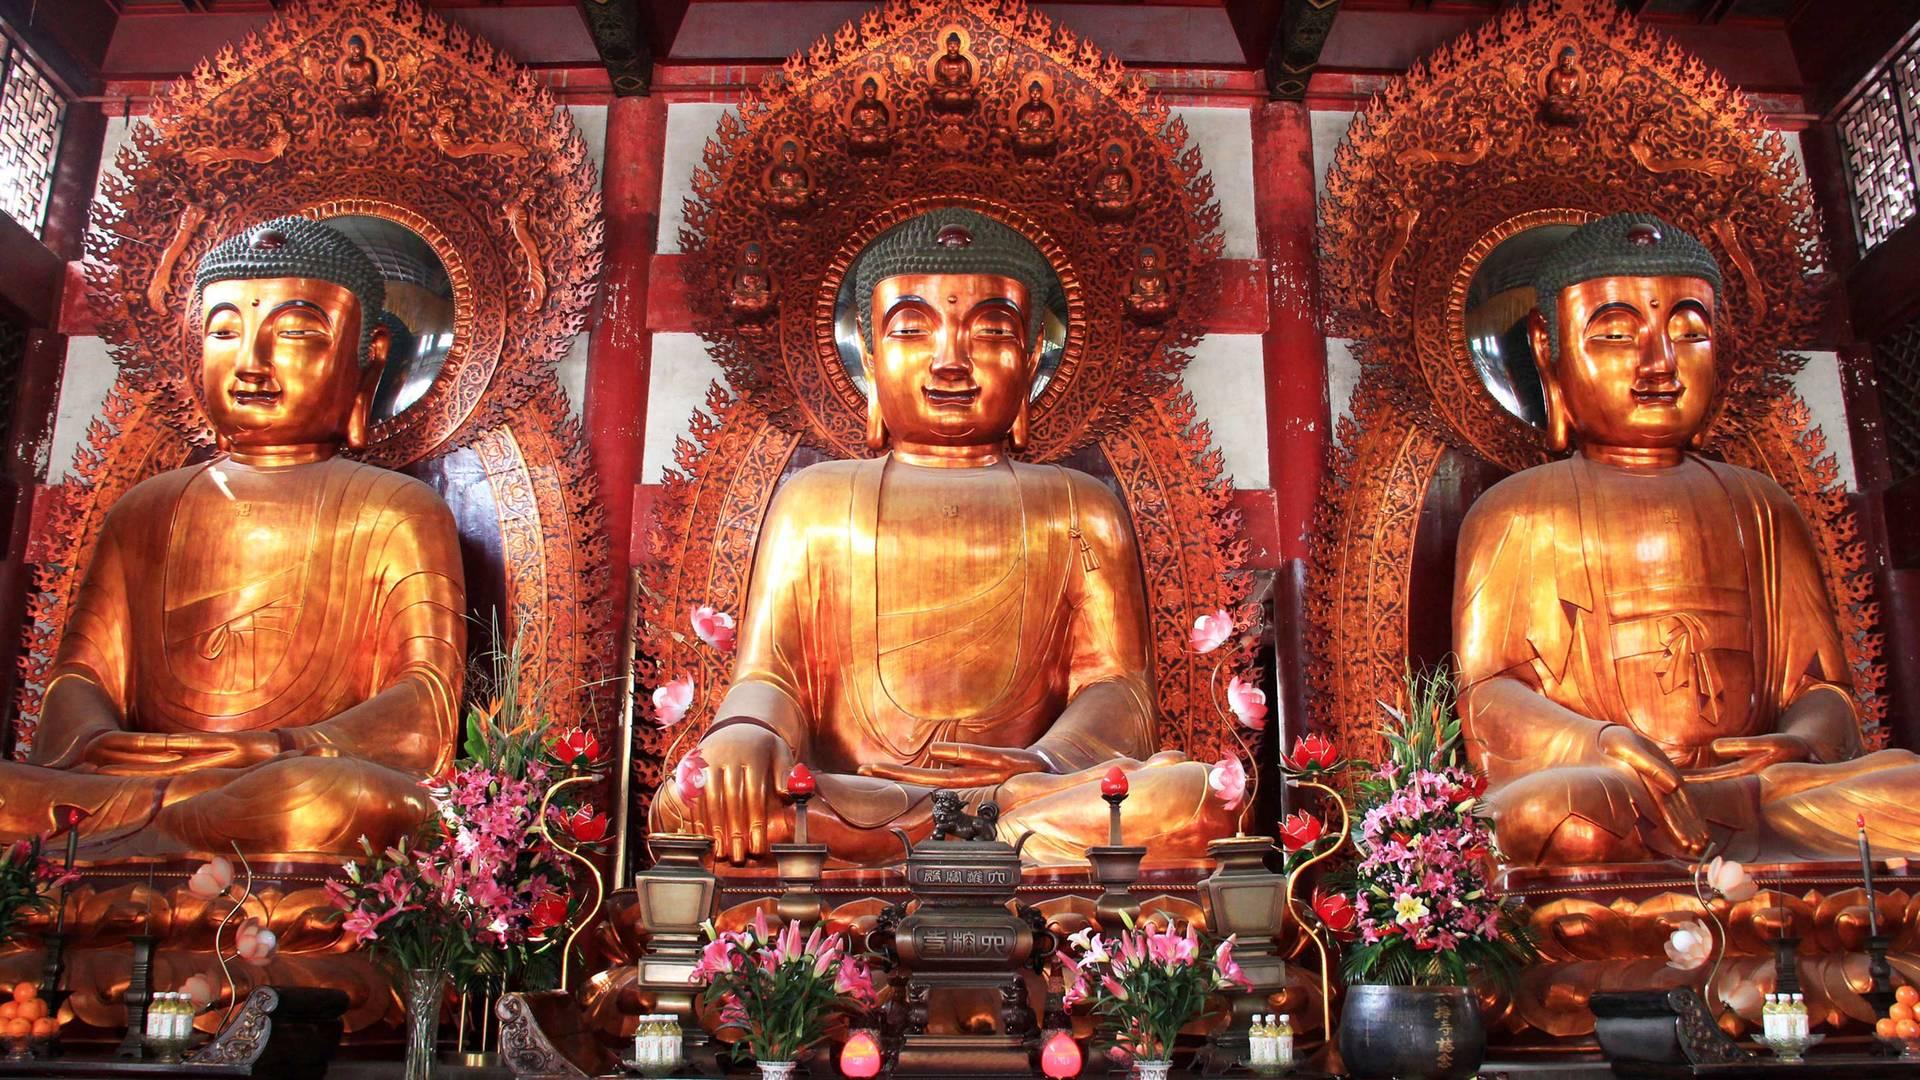 Skulptur des Buddha in Guangzhou